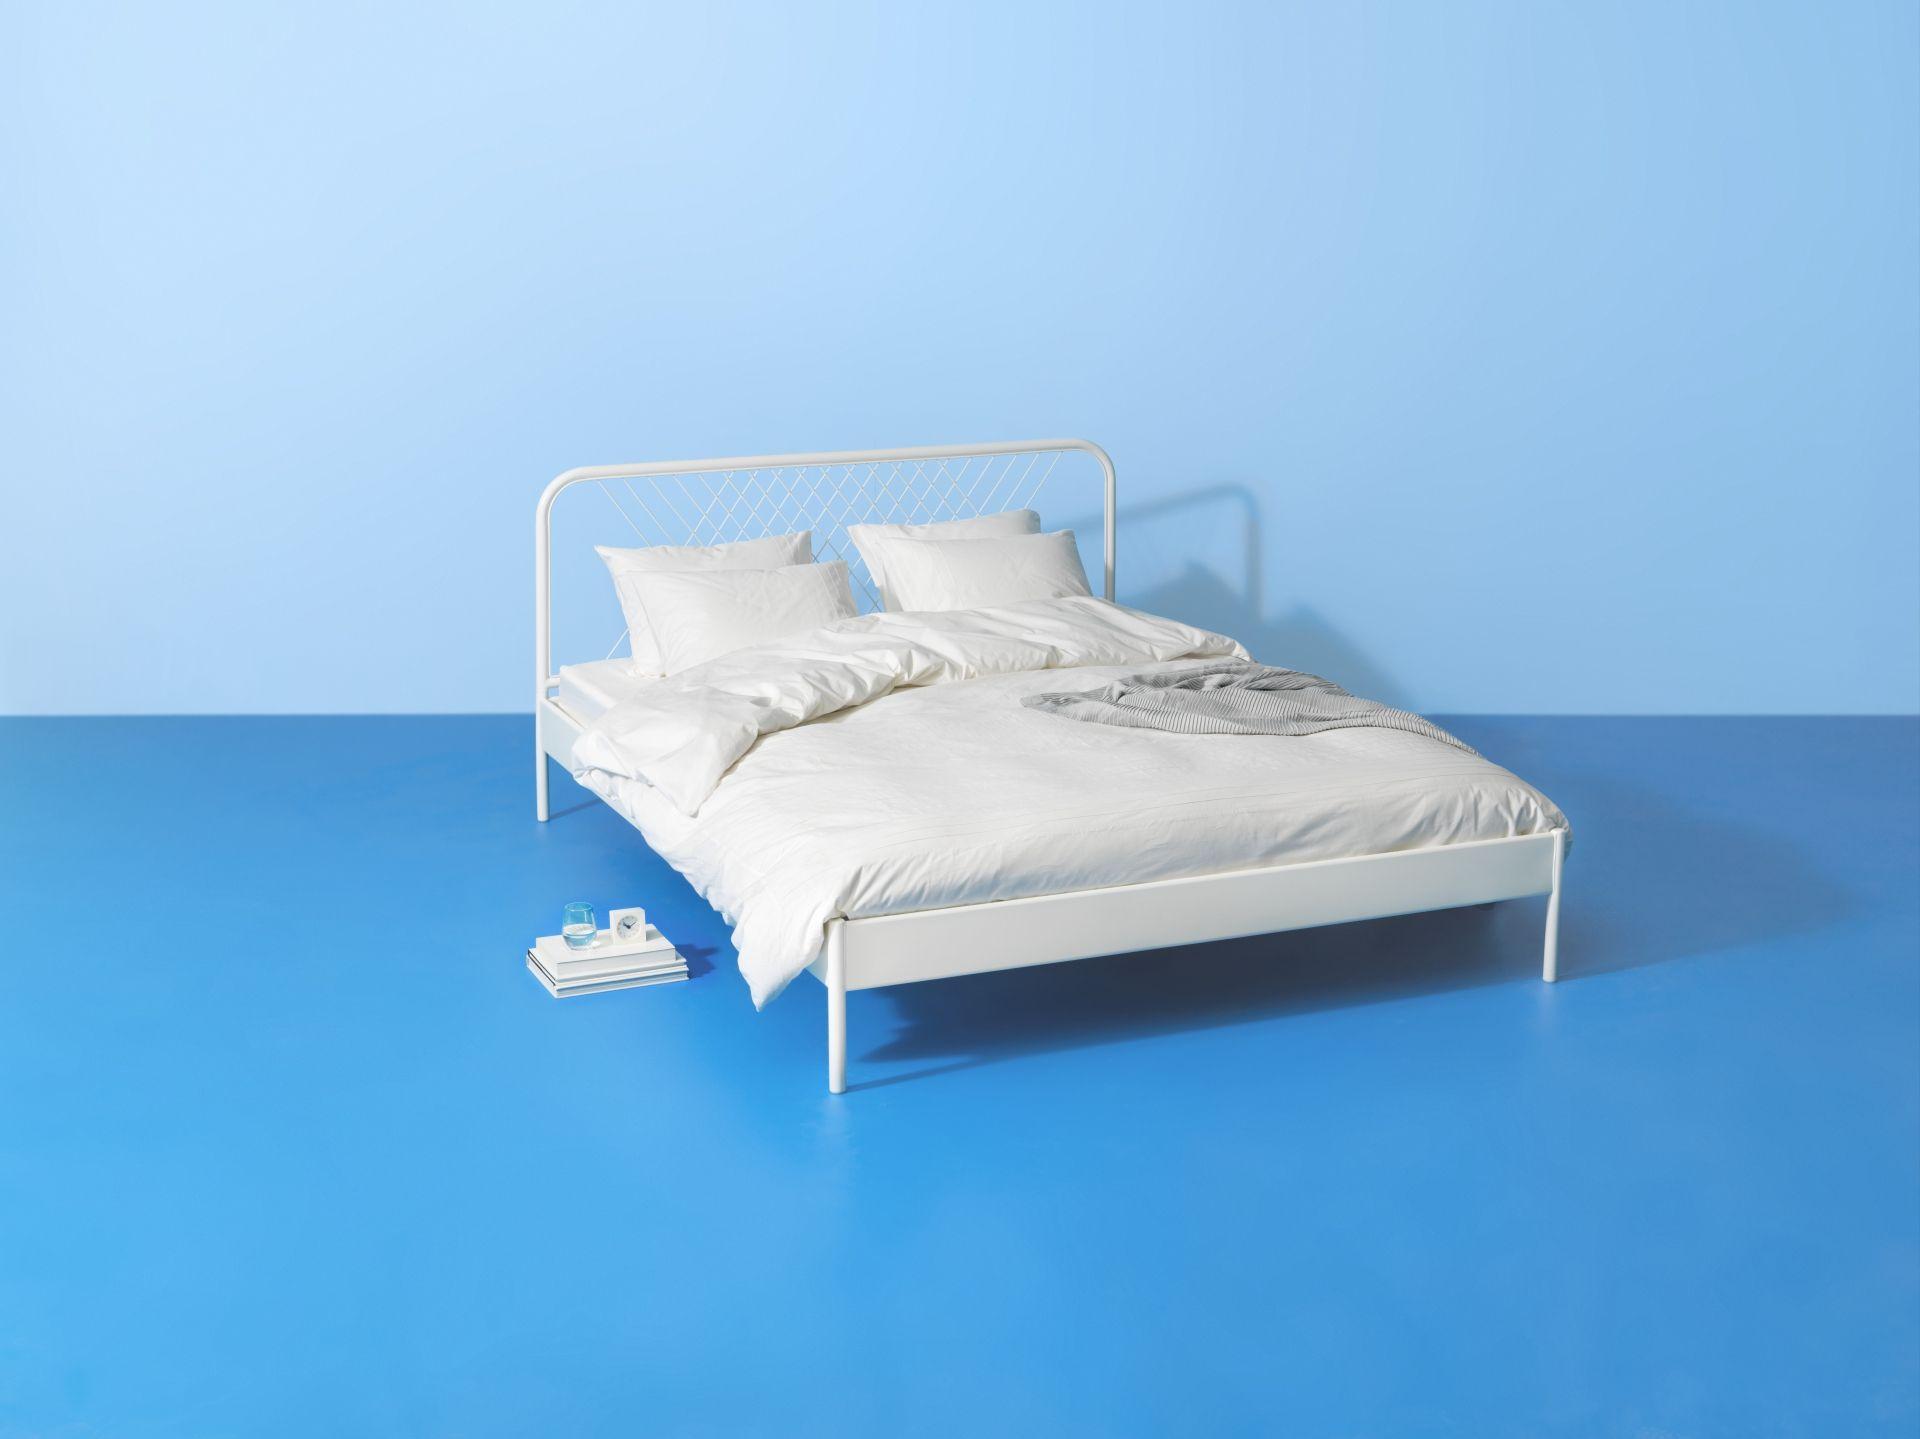 Matras Opbergtas Blokker : Dekbed opbergtas ikea. large size of storage bed clothes storage